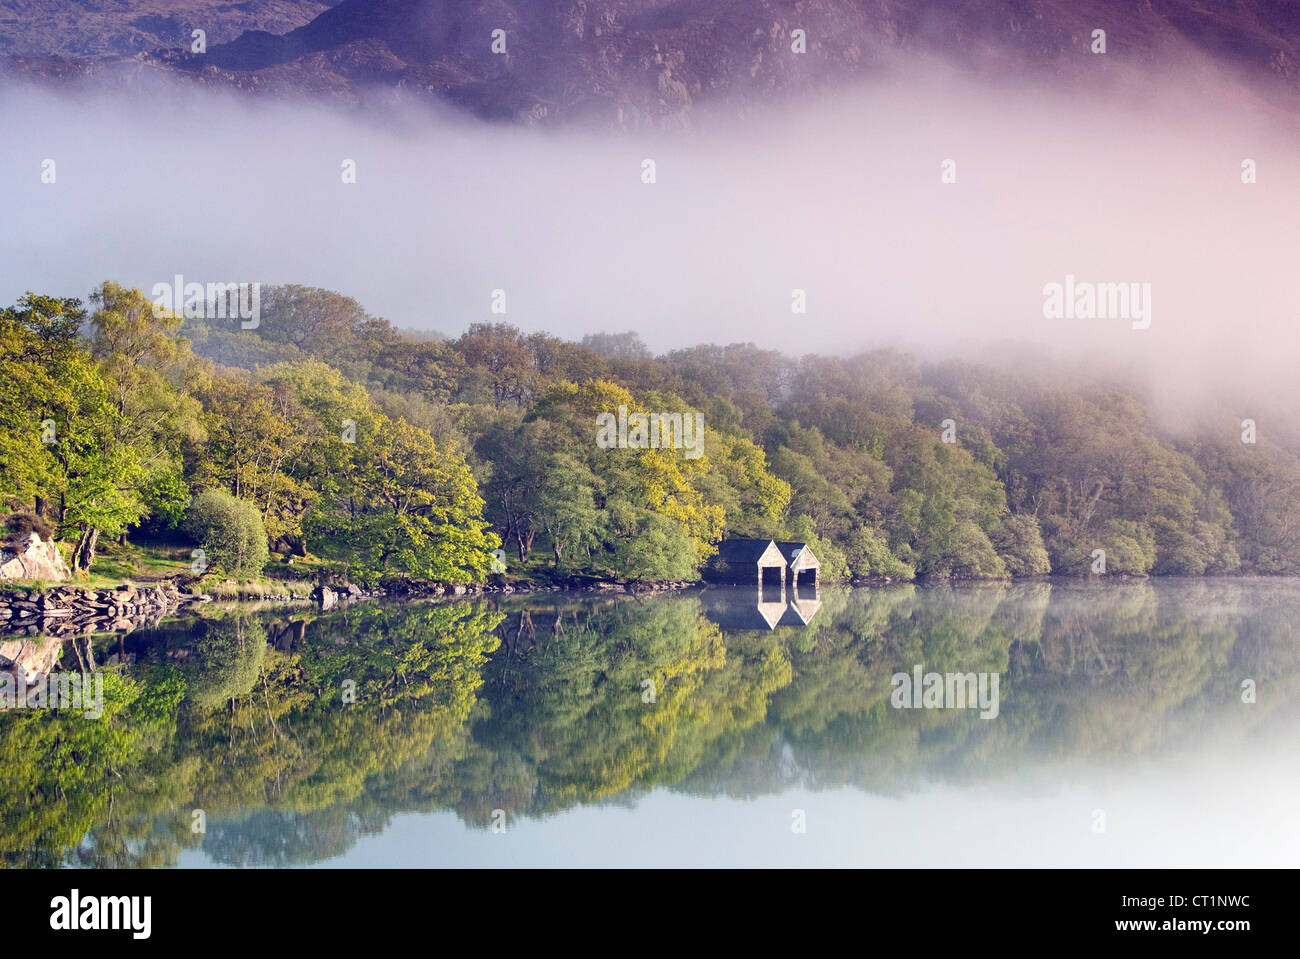 Il Boathouse sul viale alberato north western shore di una nebbiosa Llyn Dinas lago nella valle Nantgwynant Snowdonia Immagini Stock